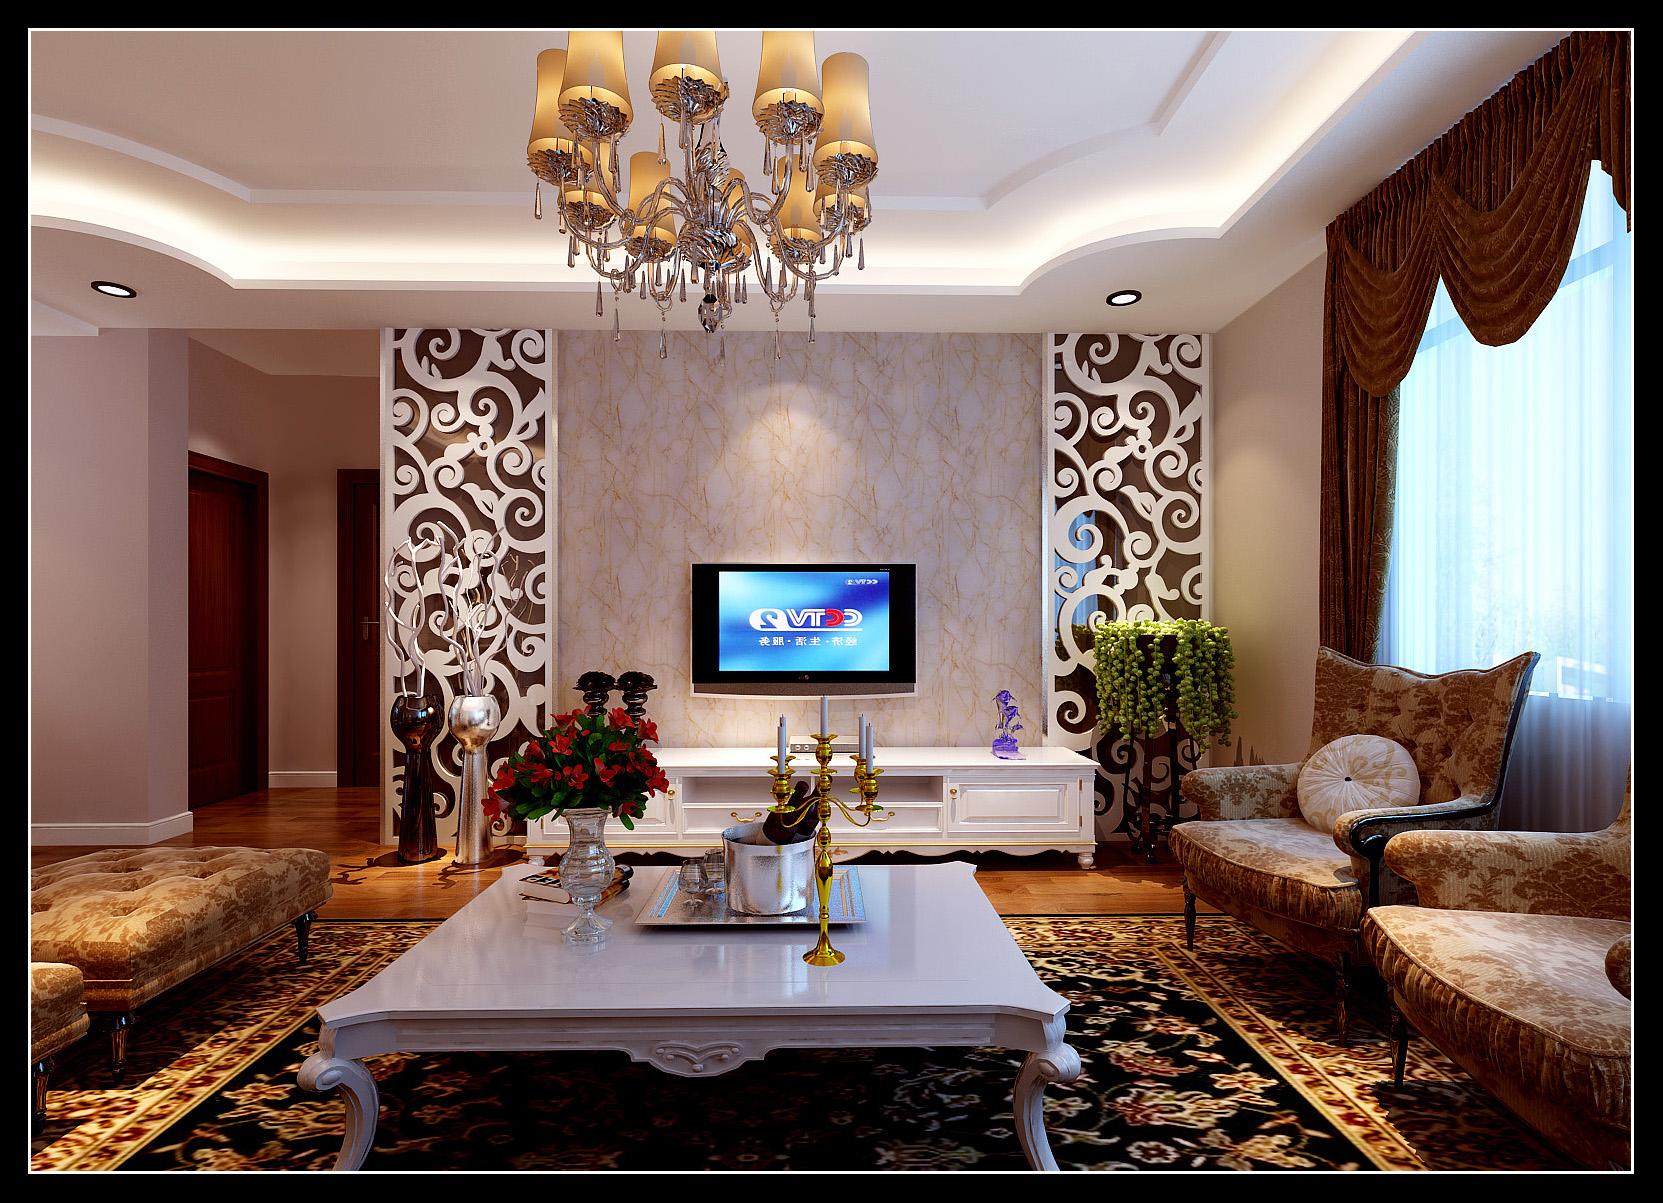 简约 现代 三居 家居 风水 生活 整体装修 室内设计 家庭装修 客厅图片来自余欣欣在现代风格的居室重视个性和创造性的分享